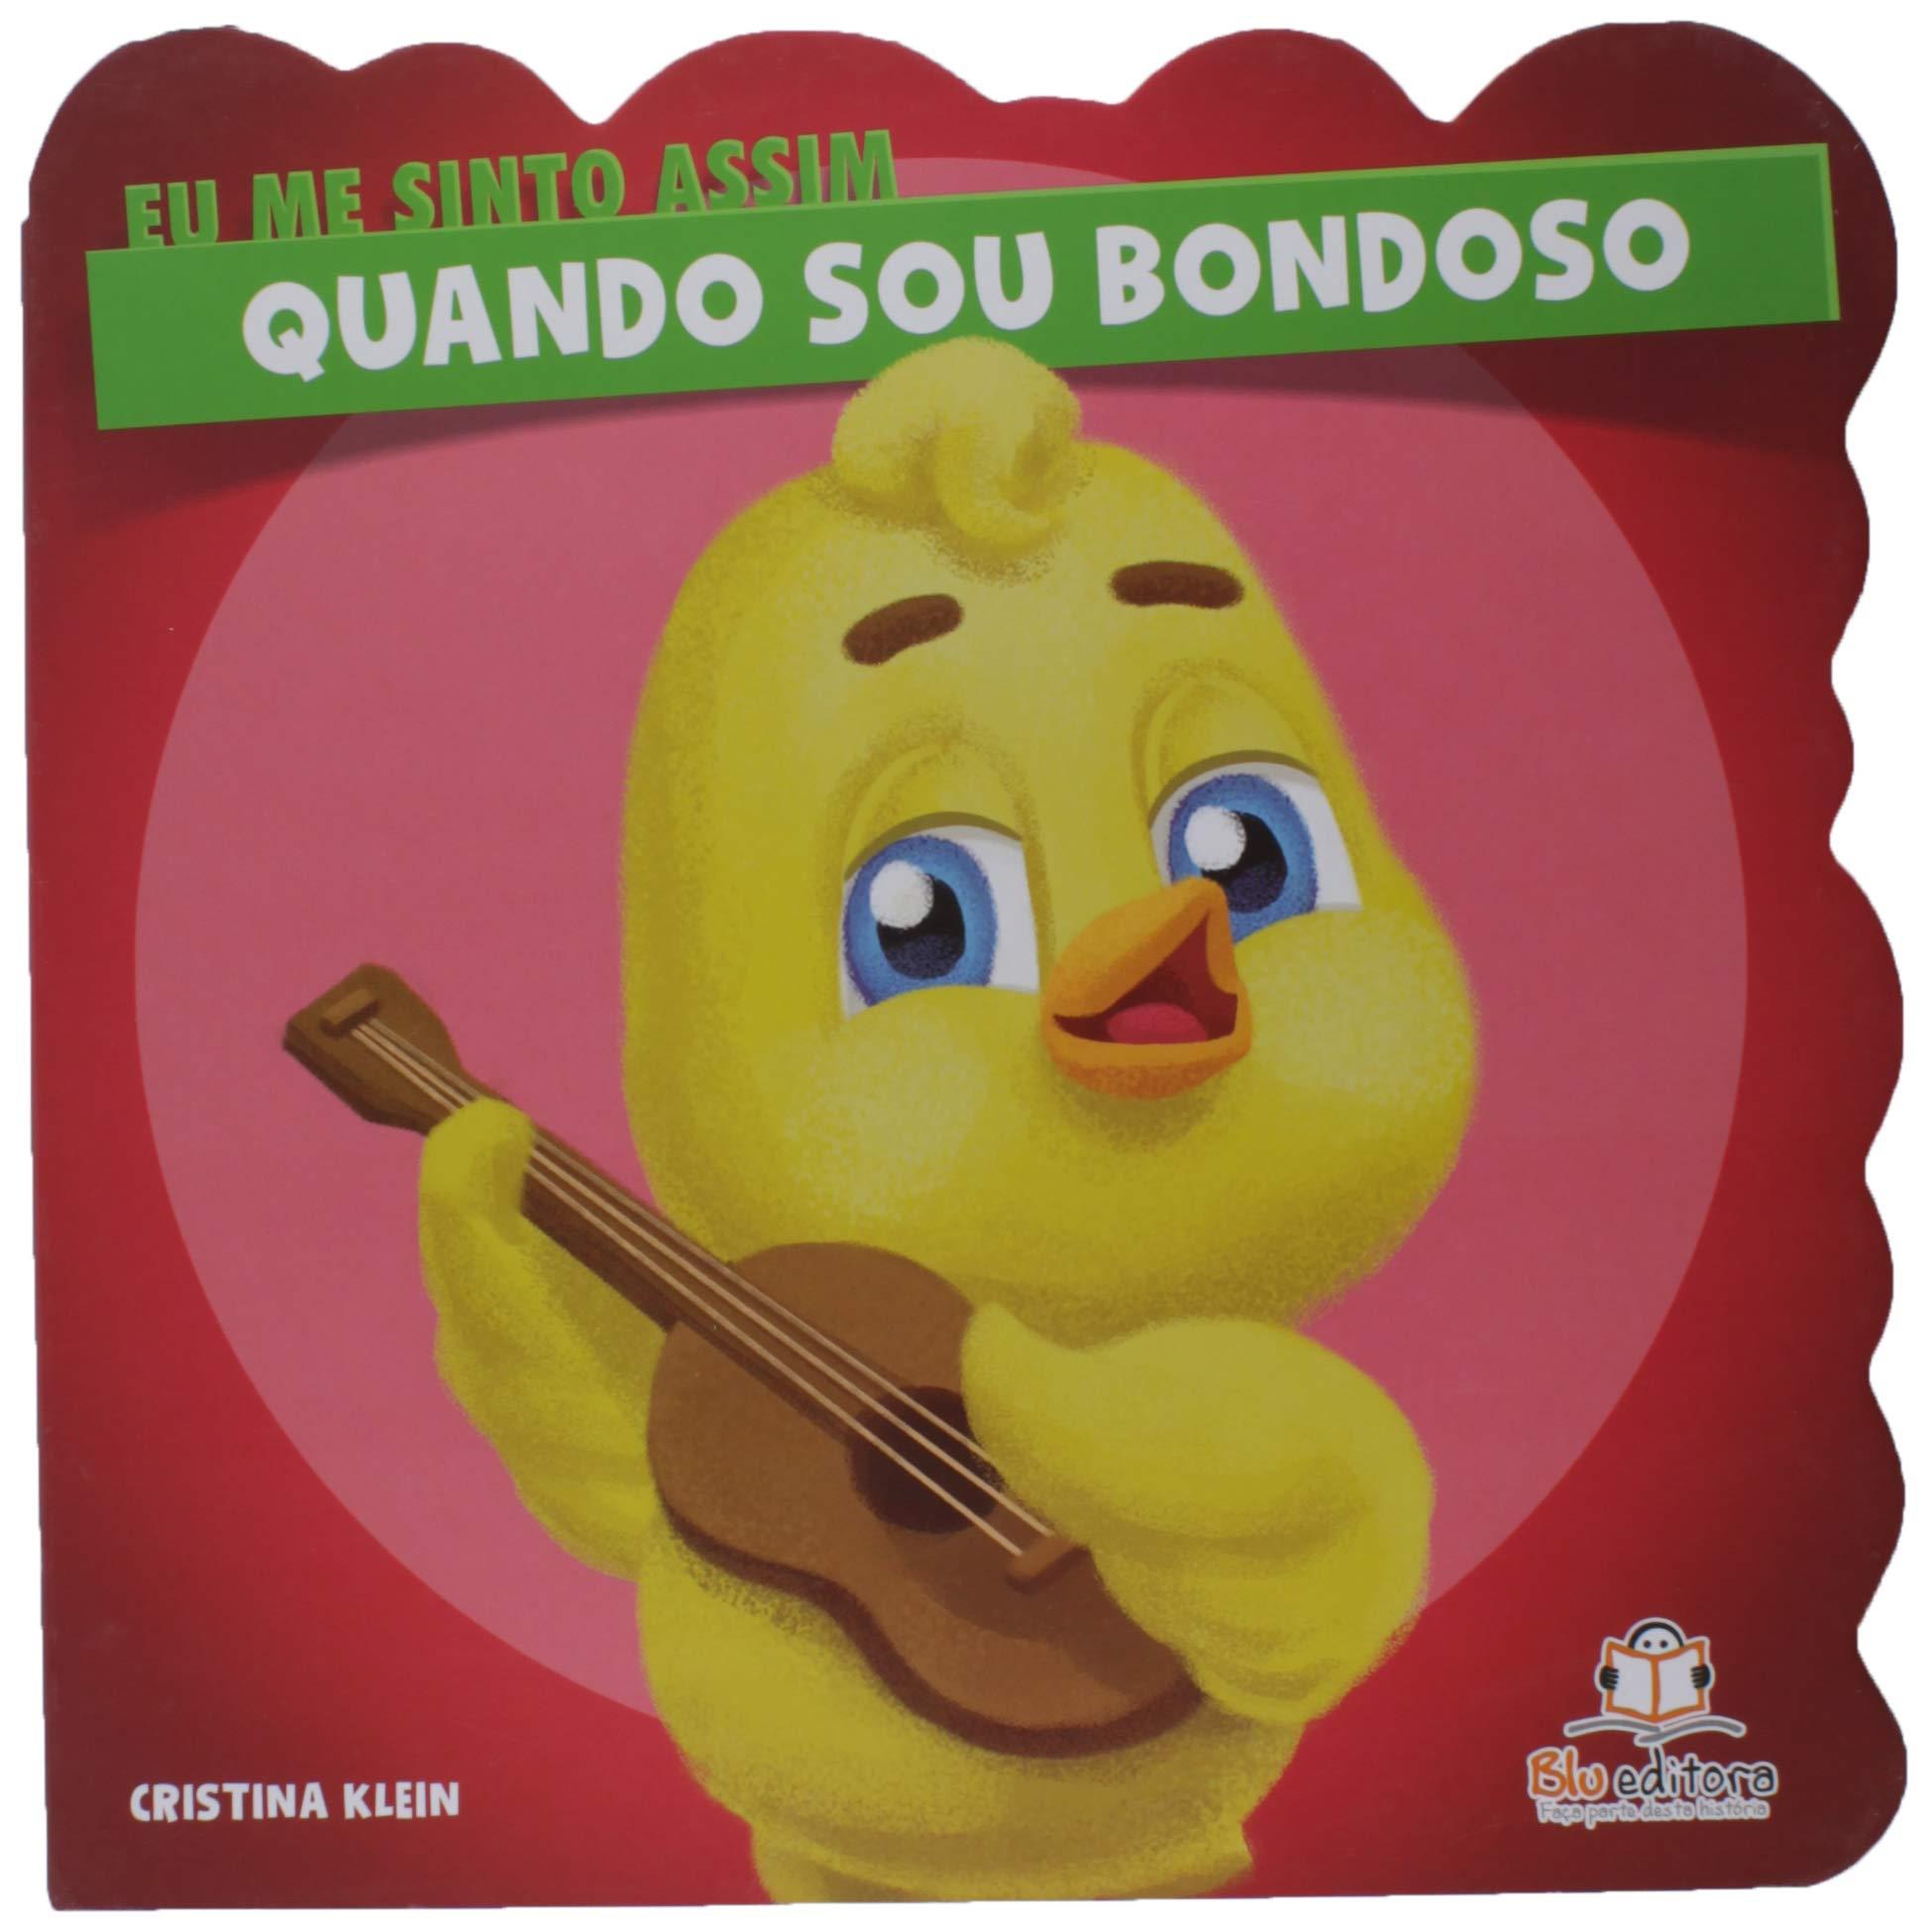 Eu Me Sinto Assim Quando Sou Bondoso Cristina Klein 9788581022956 Amazon Com Books